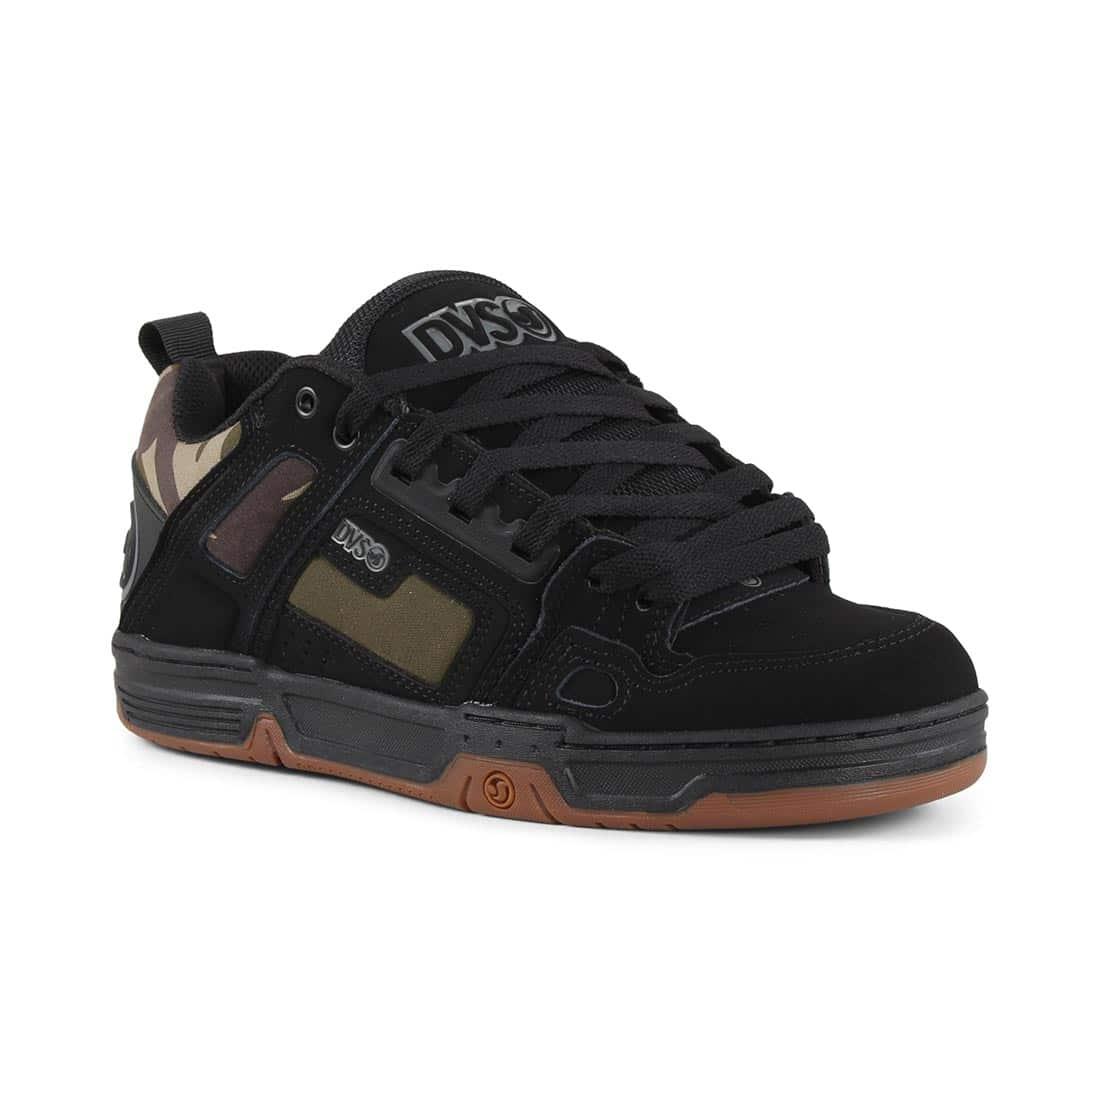 DVS Comanche Shoes - Black / Camo